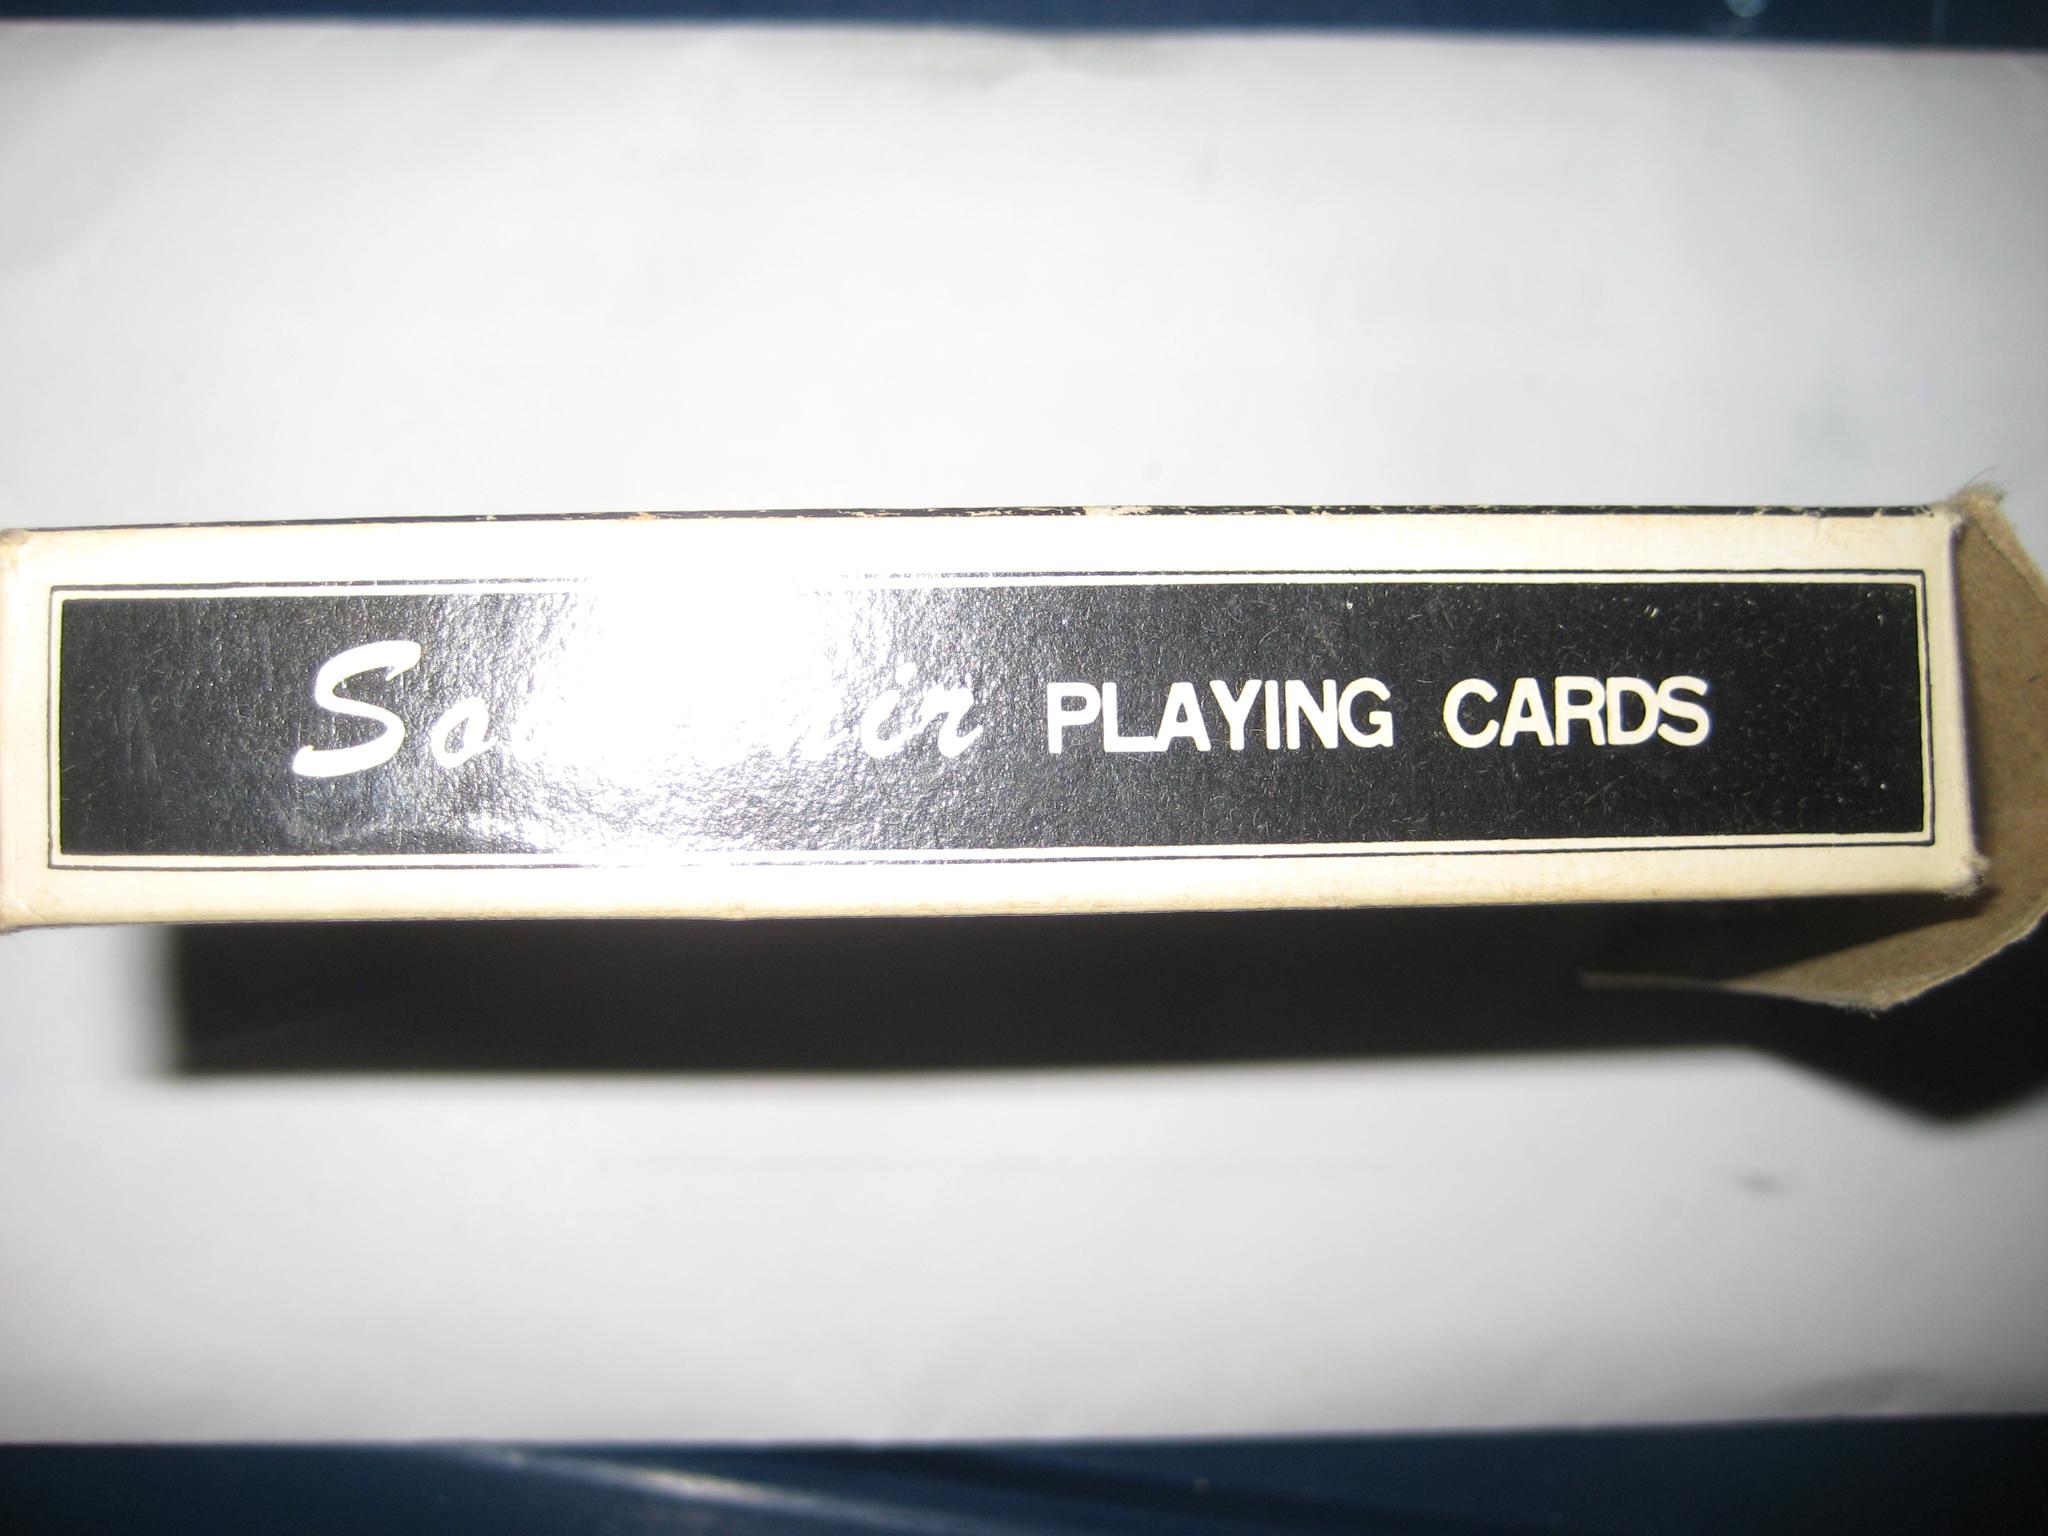 The Playboy Casino Nassau Bahamas Souvenir Playing Cards